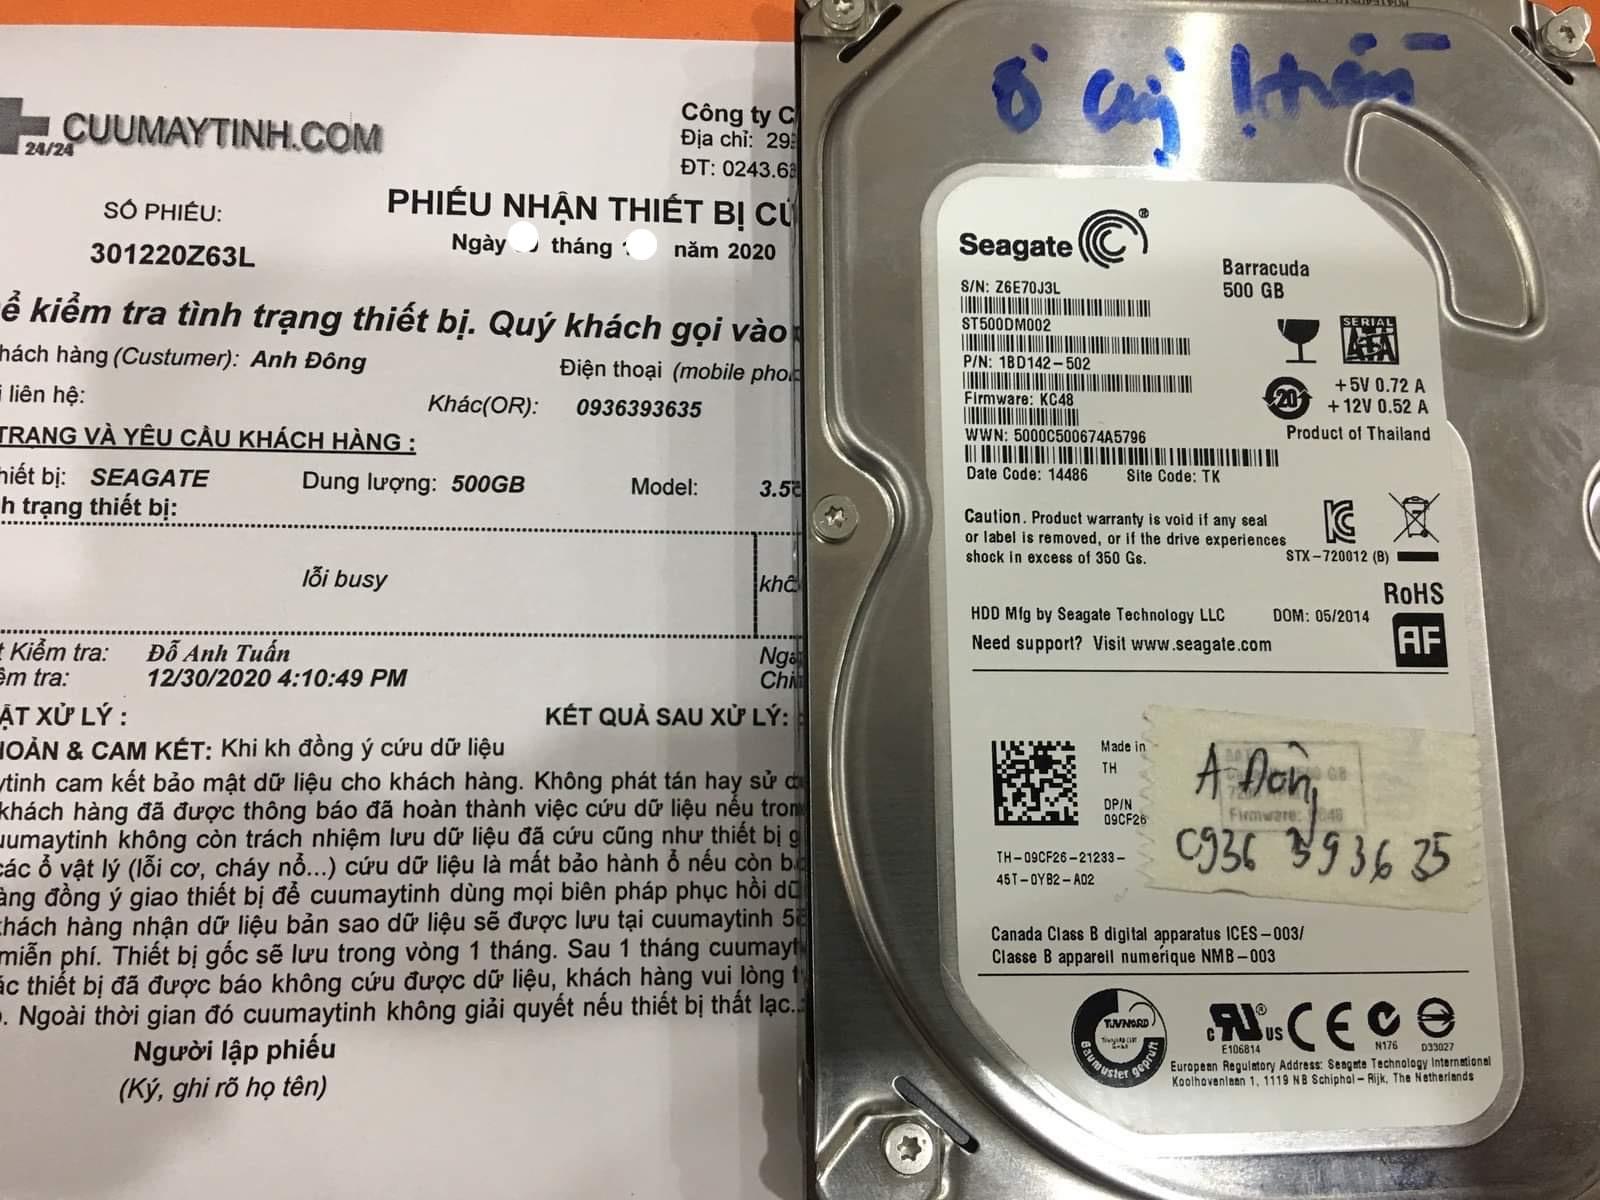 Lấy dữ liệu ổ cứng Seagate 500GB không nhận - 05/01/2021 - cuumaytinh